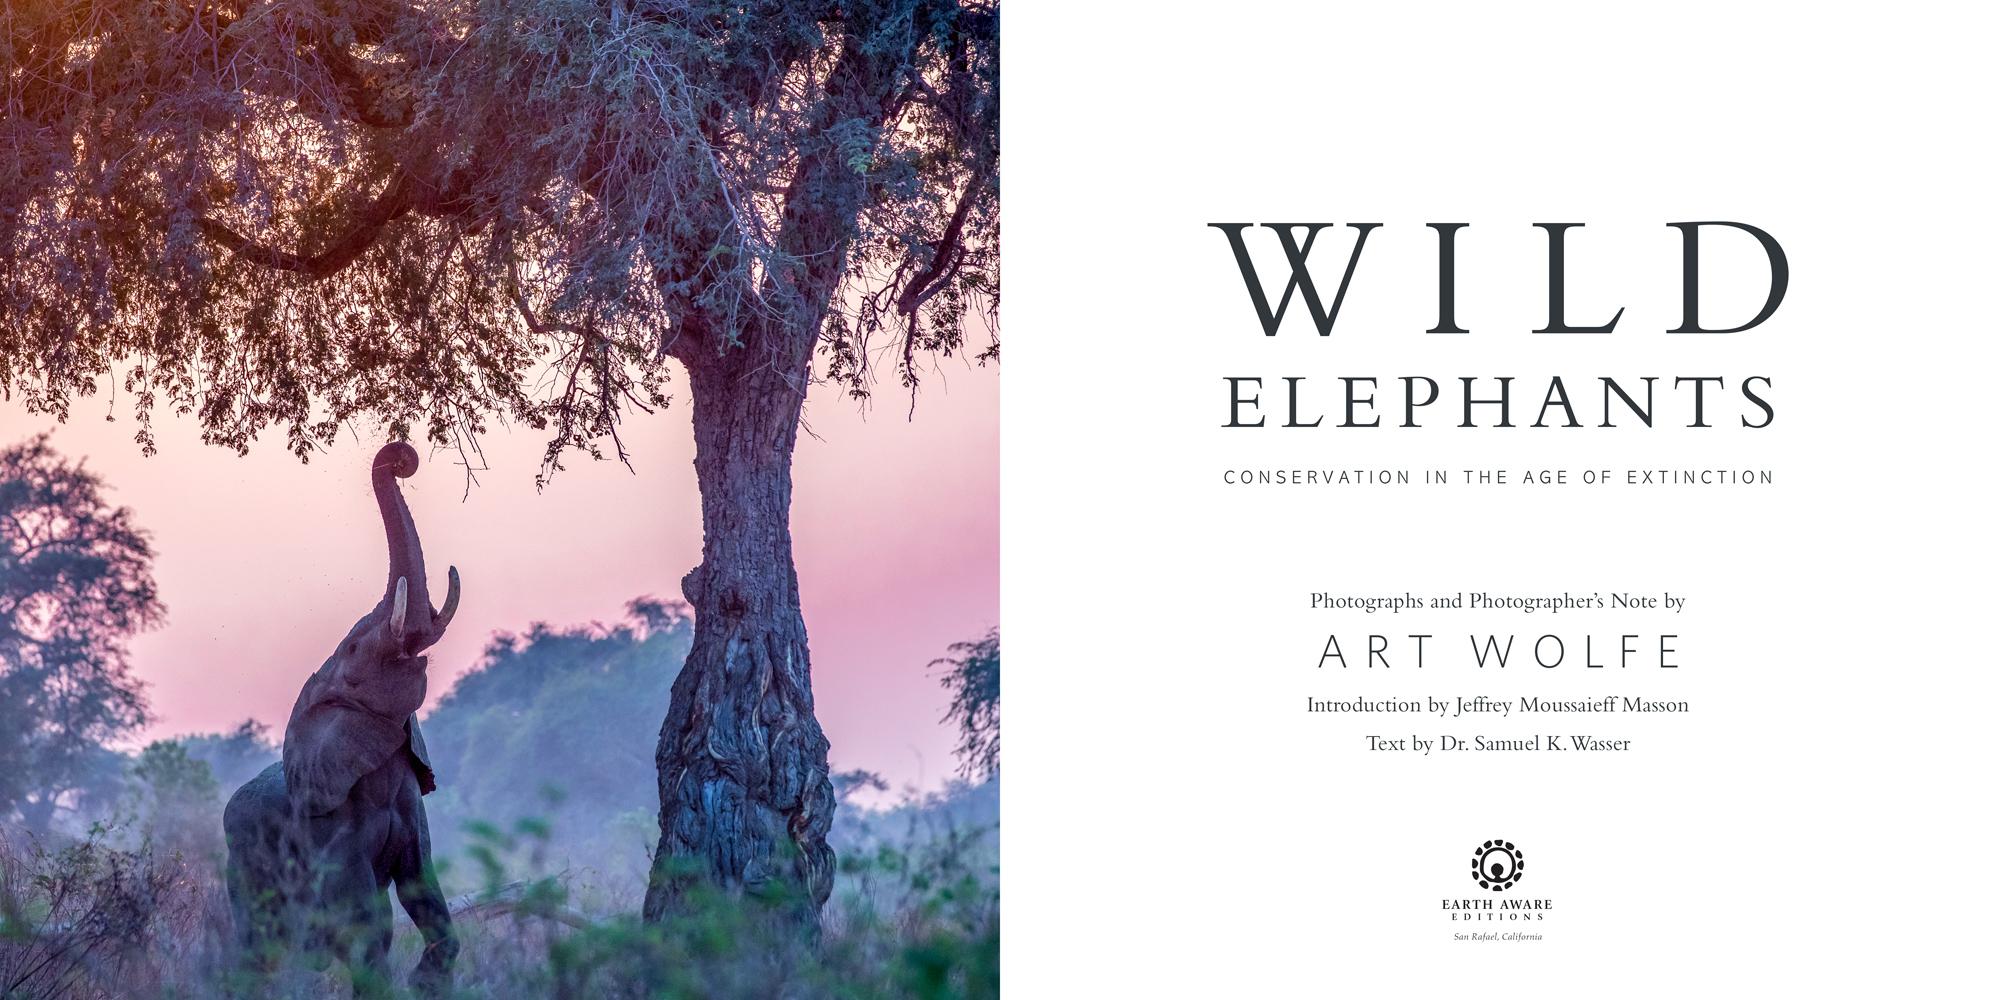 Wild elephants Book